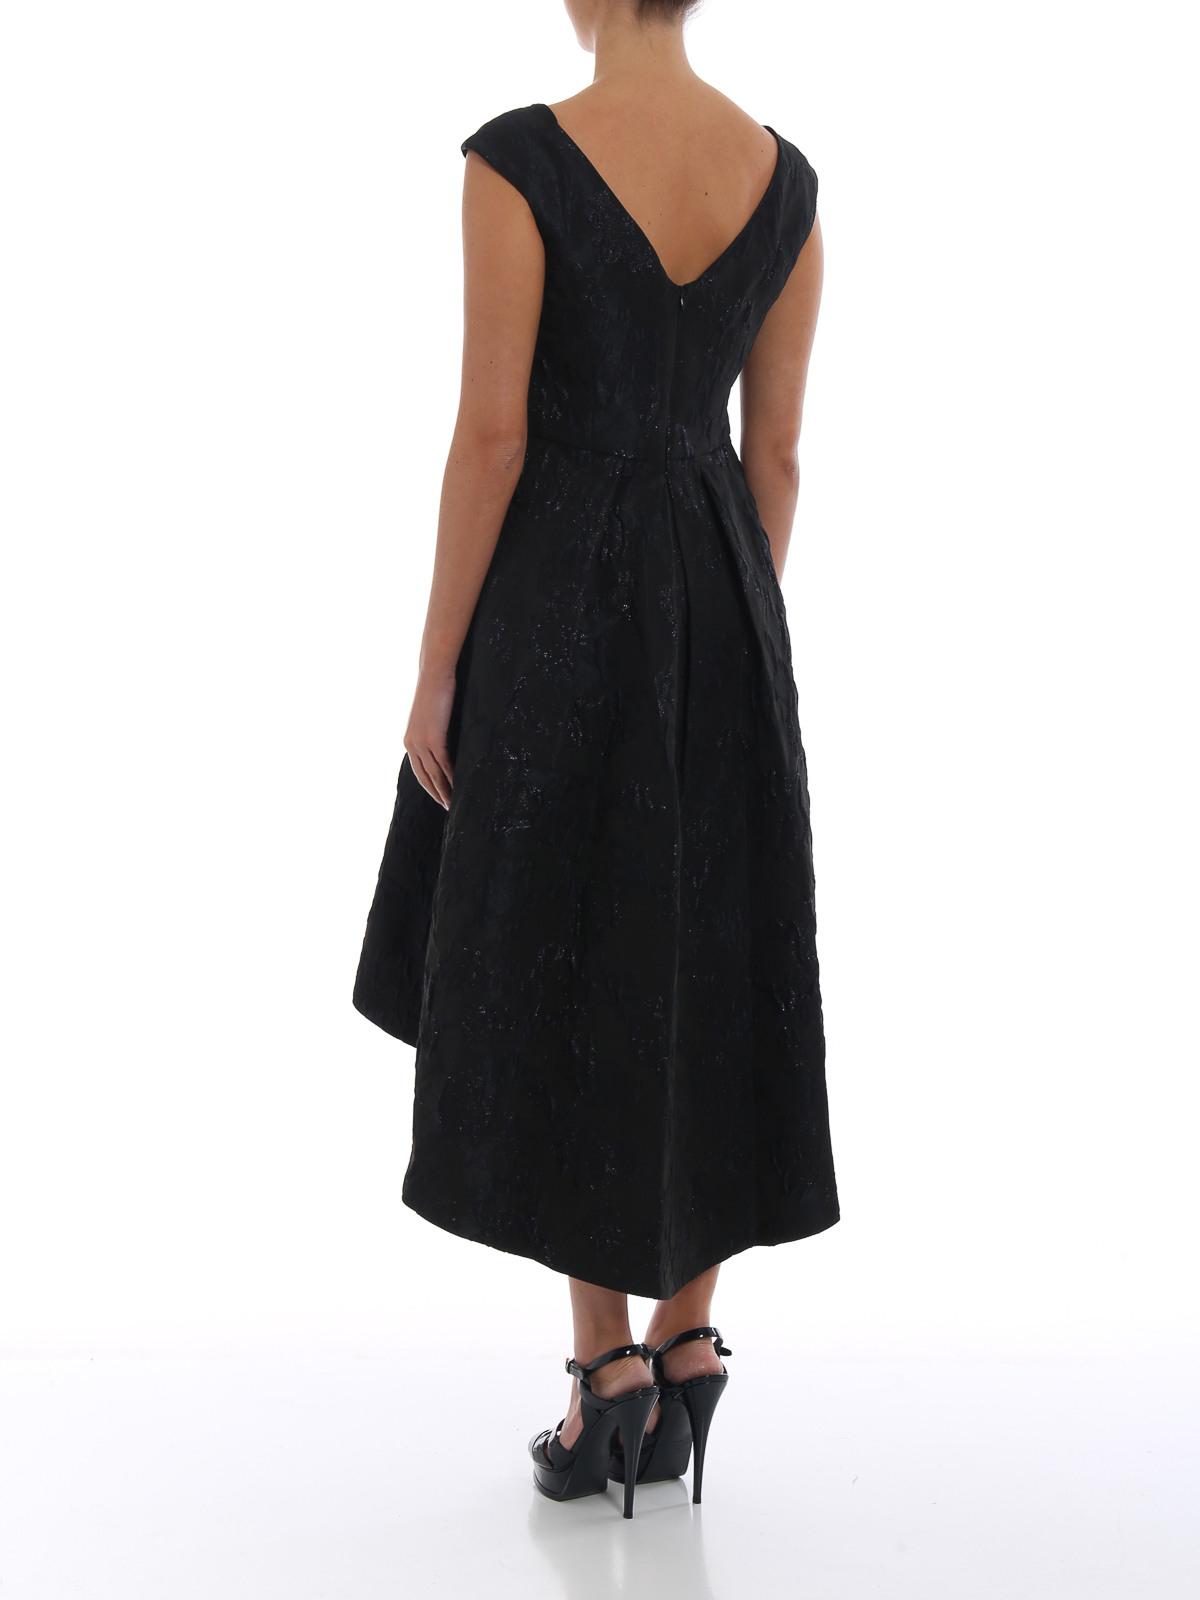 15 Einfach Ralph Lauren Abend Kleid SpezialgebietAbend Cool Ralph Lauren Abend Kleid Bester Preis